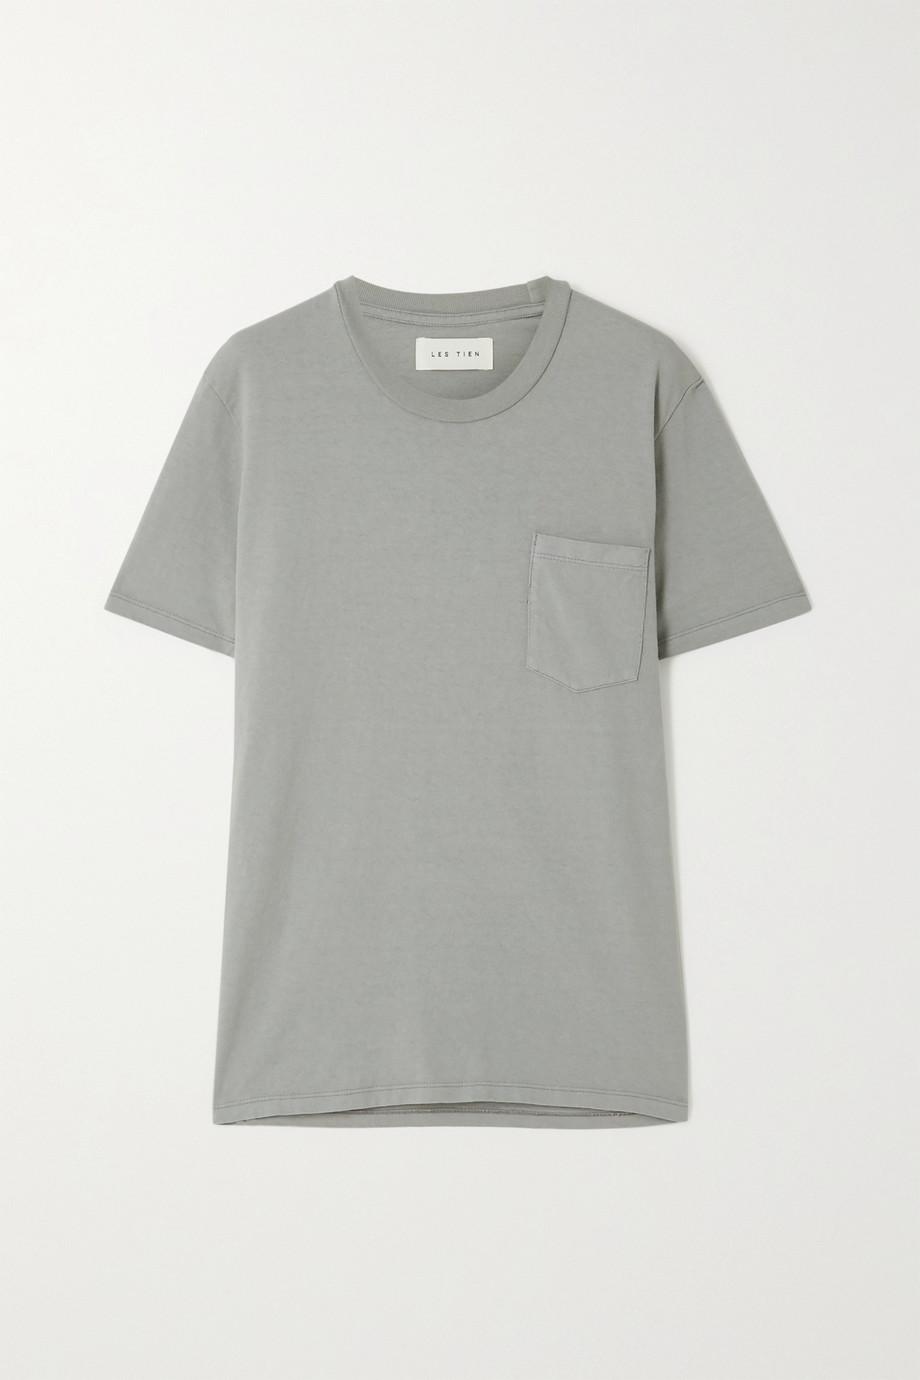 Les Tien Cotton-jersey T-shirt